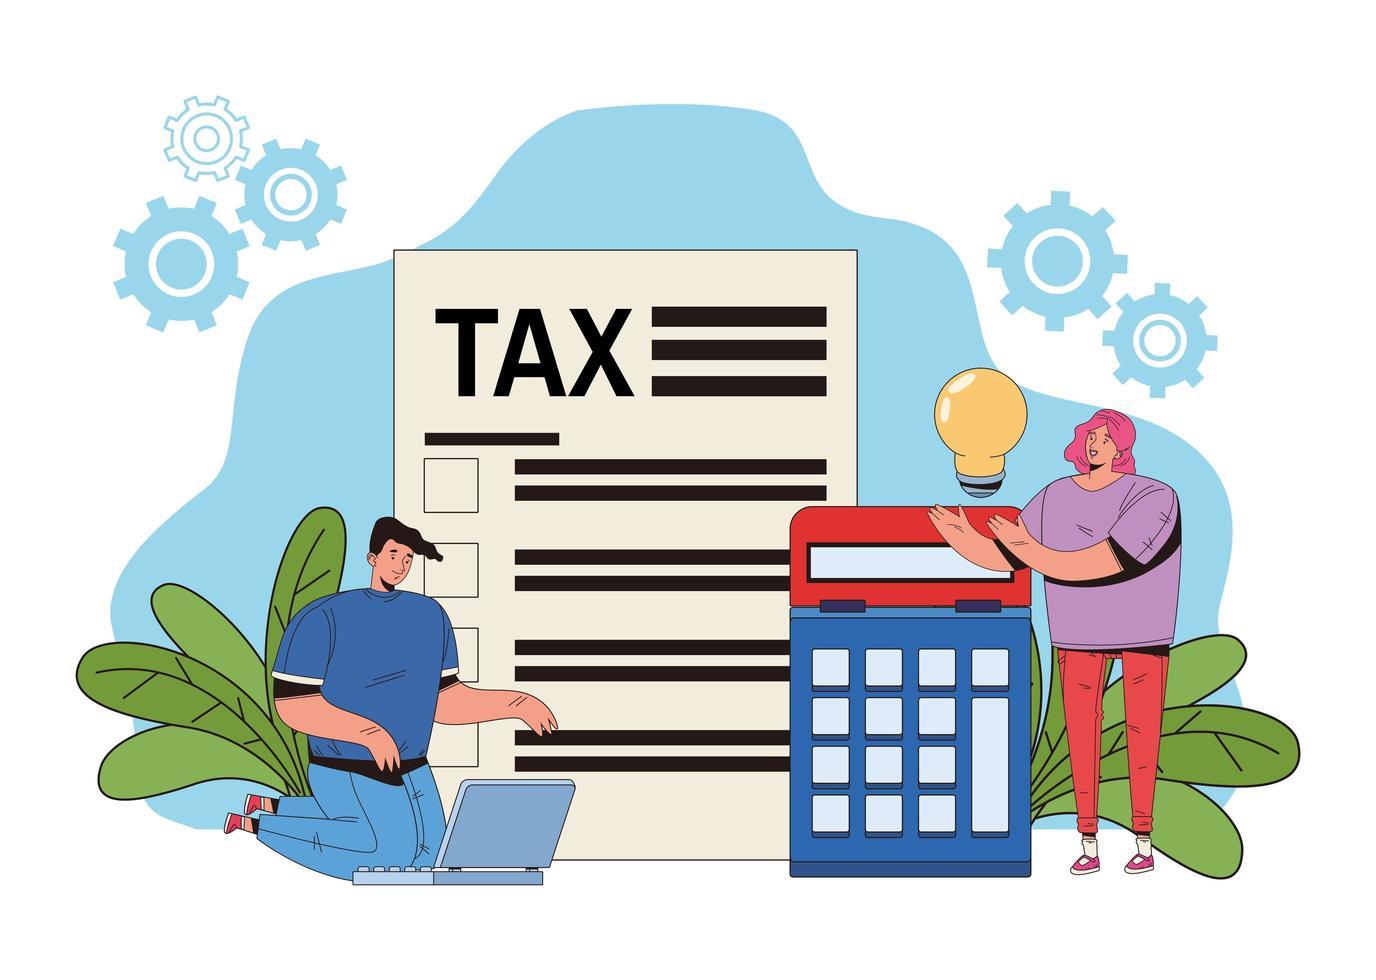 conceito de pagamento de impostos com pessoas e calculadora vetor